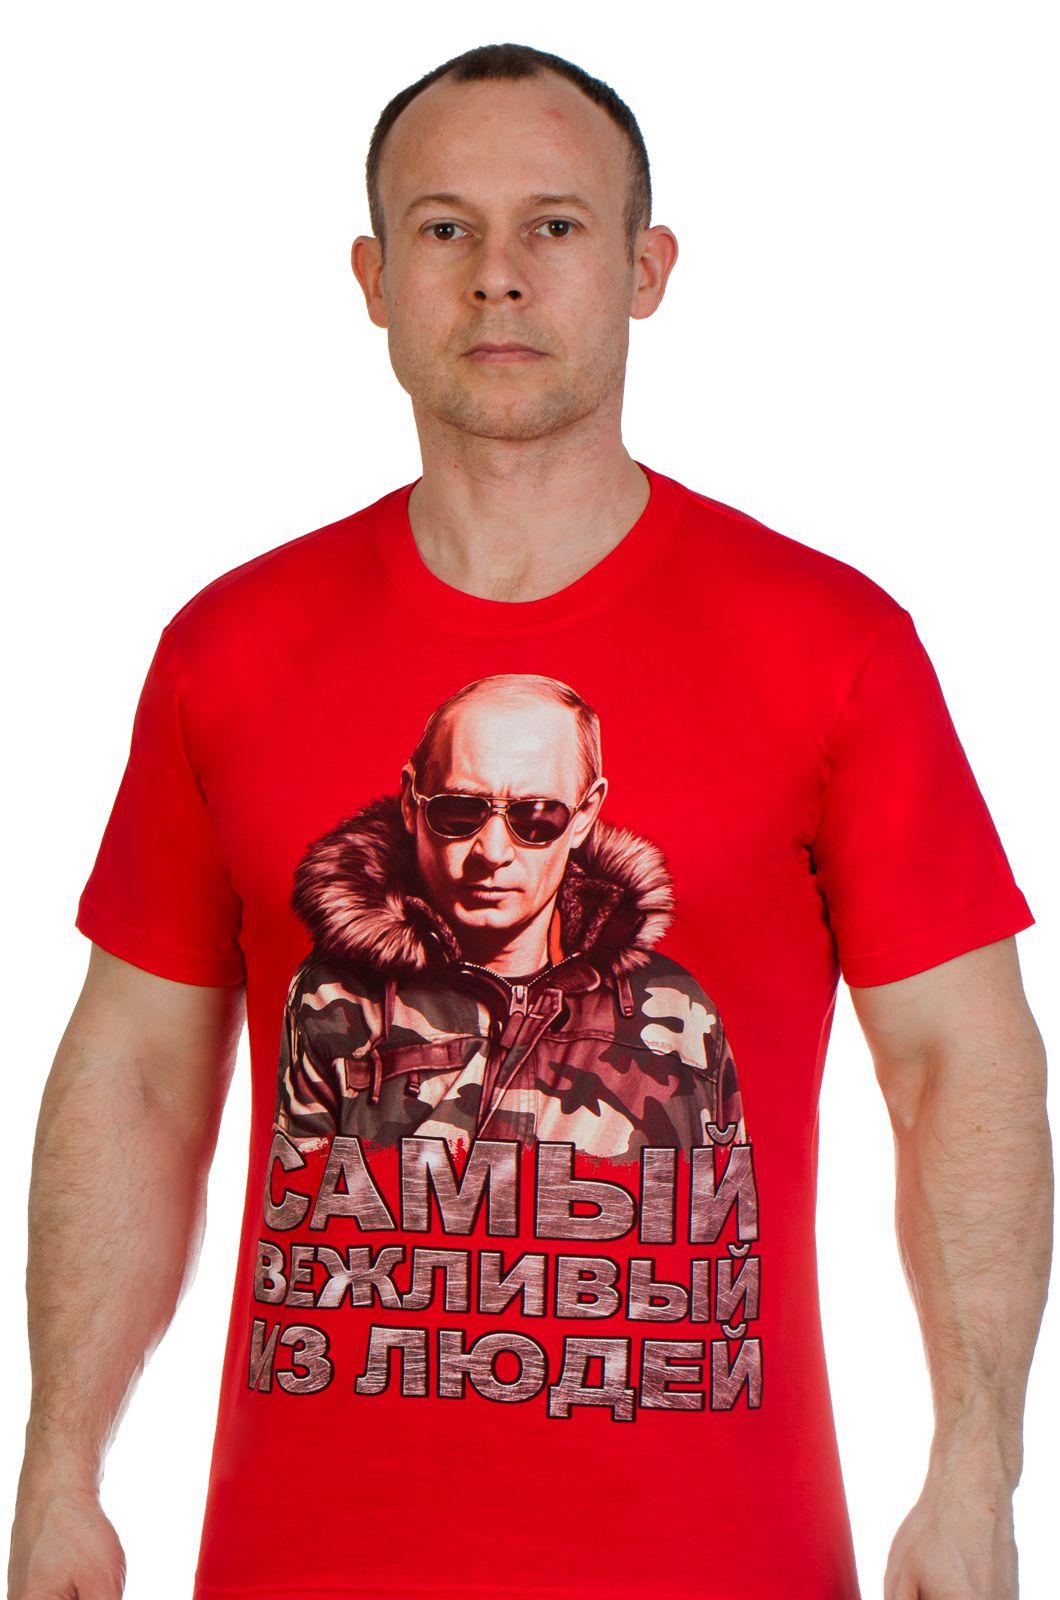 Купить футболки с Путиным в интернет-магазине оптом и в ...